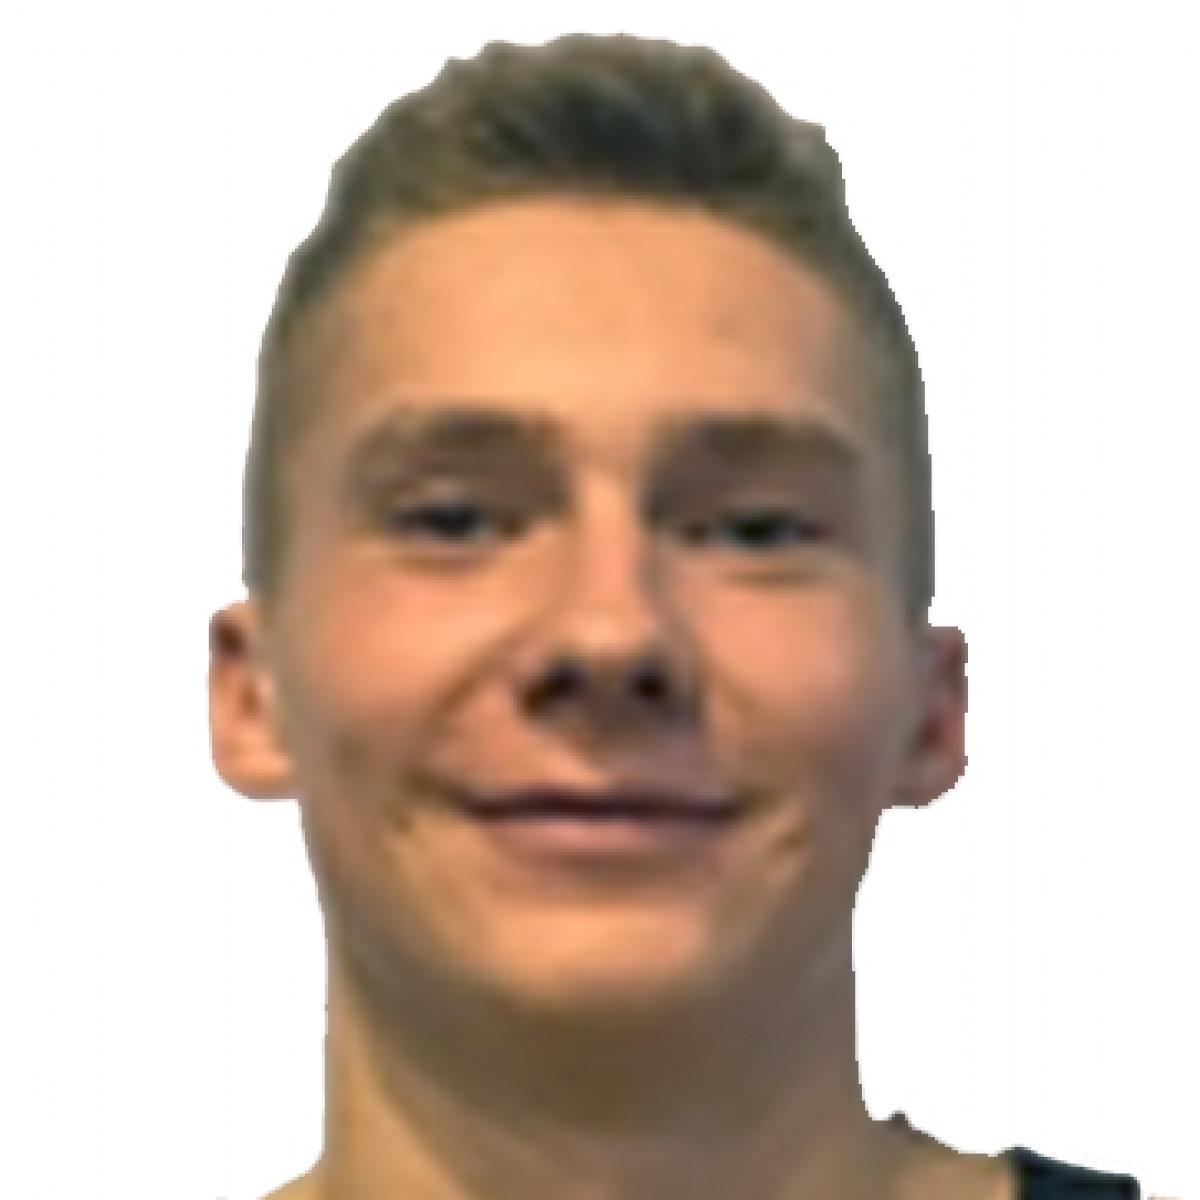 Timofey Karpuk